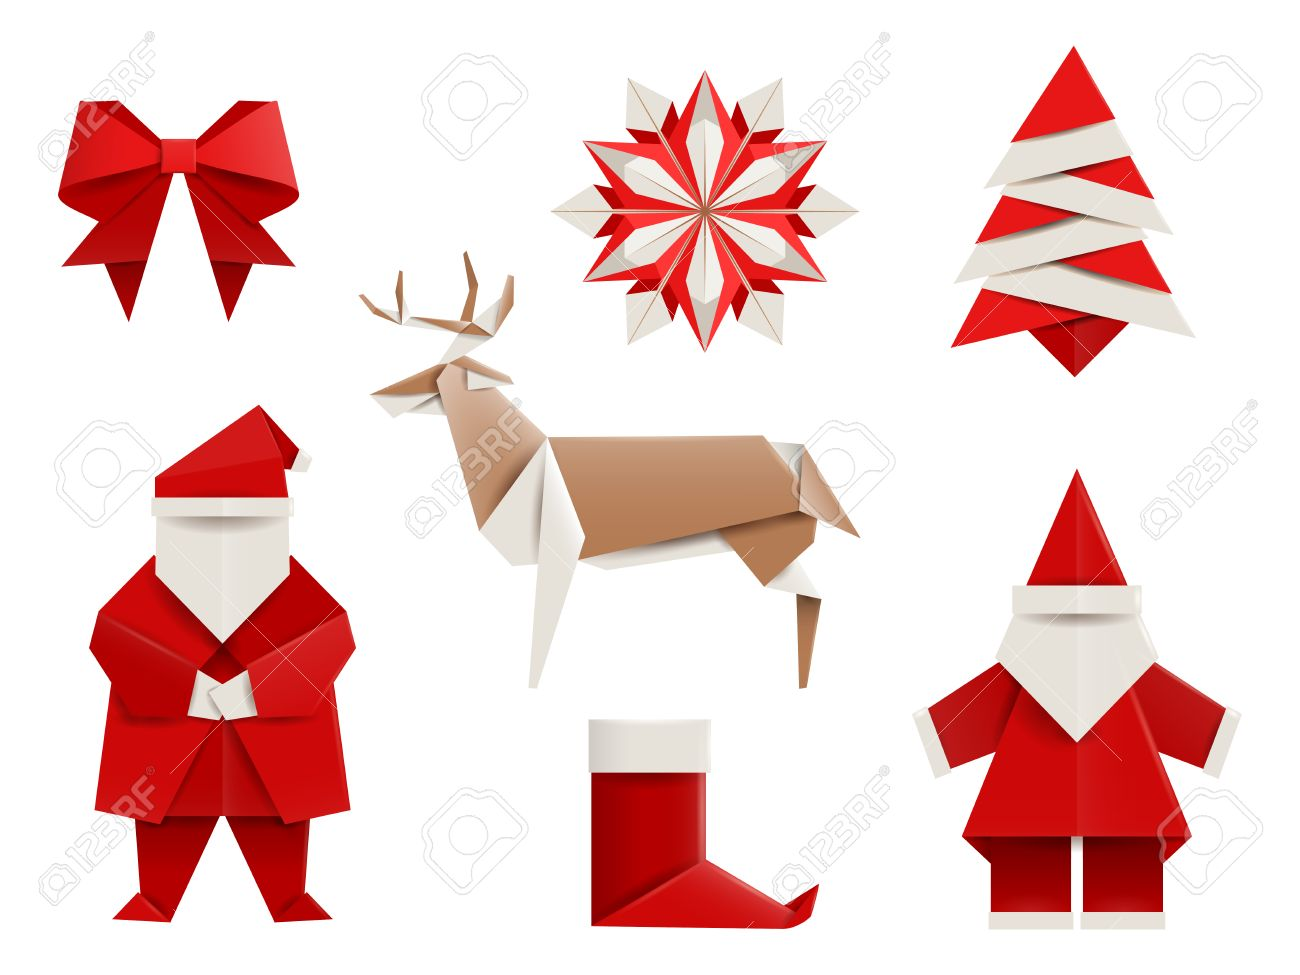 Albero Di Natale Origami.Vettoriale Origami Realistico Natale Insieme Santa Cervi Albero Di Natale Fiocchi Di Neve E Cosi Illustrazione Di Vettore Isolato Su Bianco Image 53378573